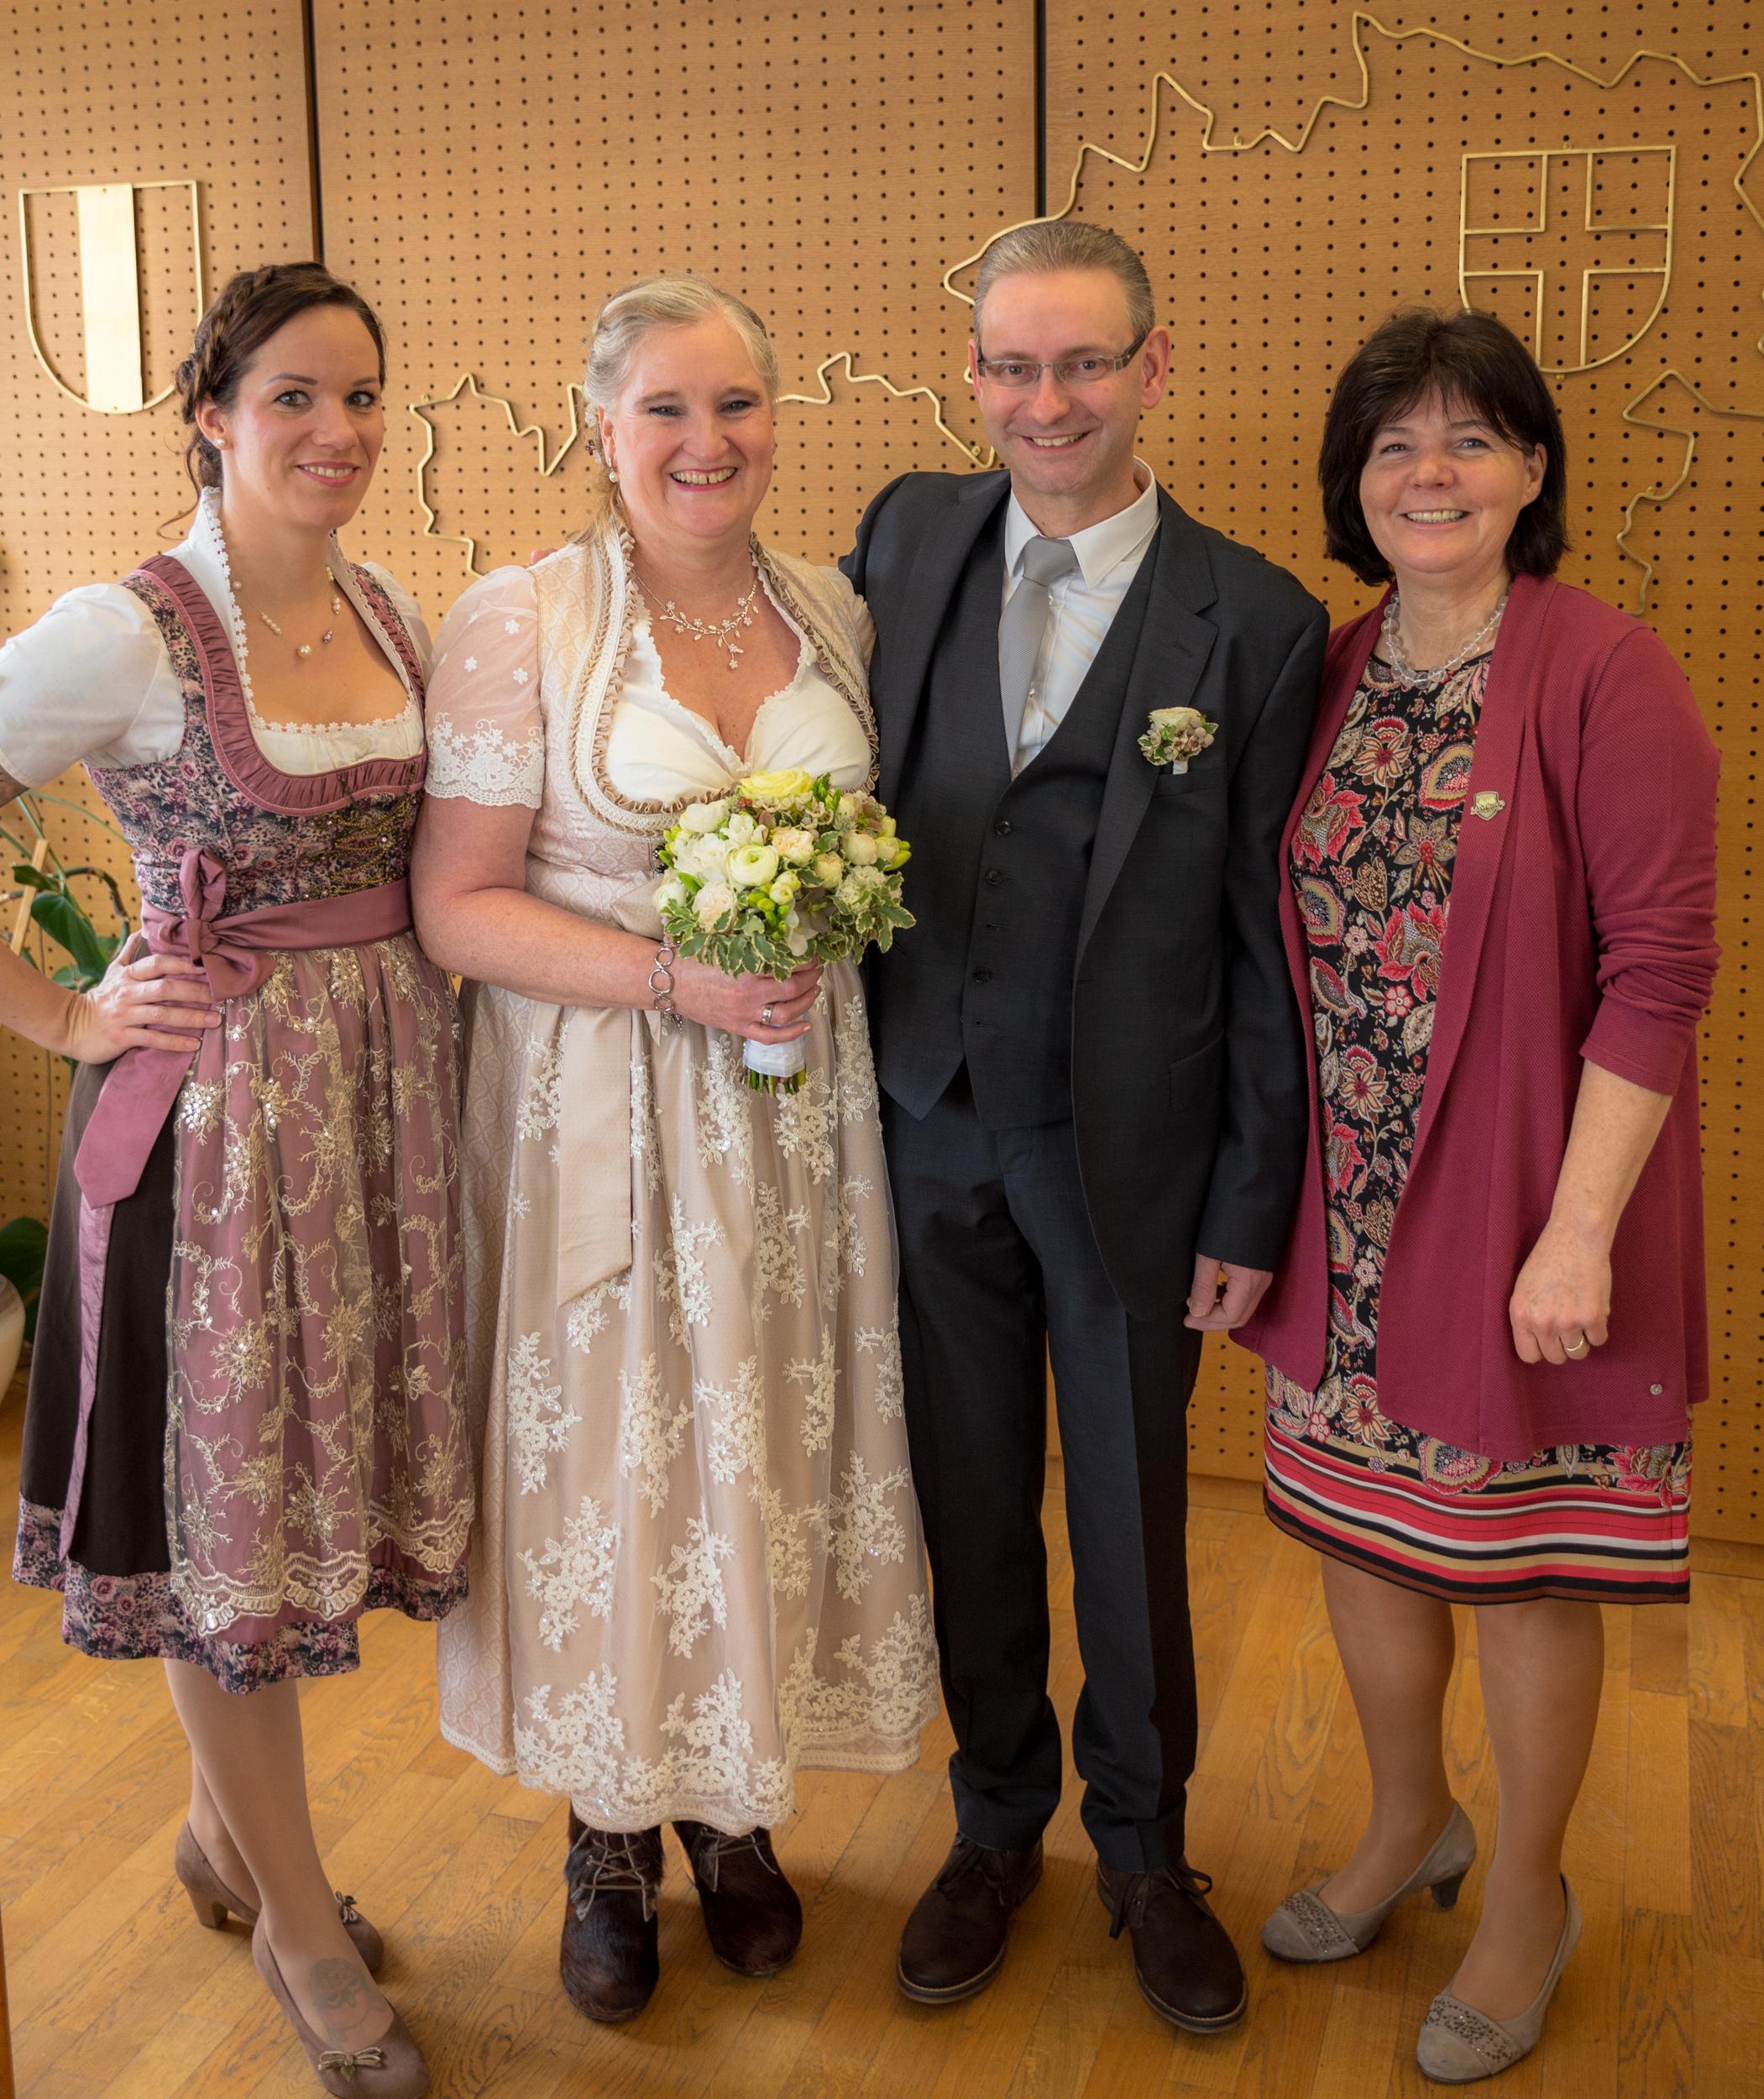 20190212_Hochzeit Koenig_0286.jpg